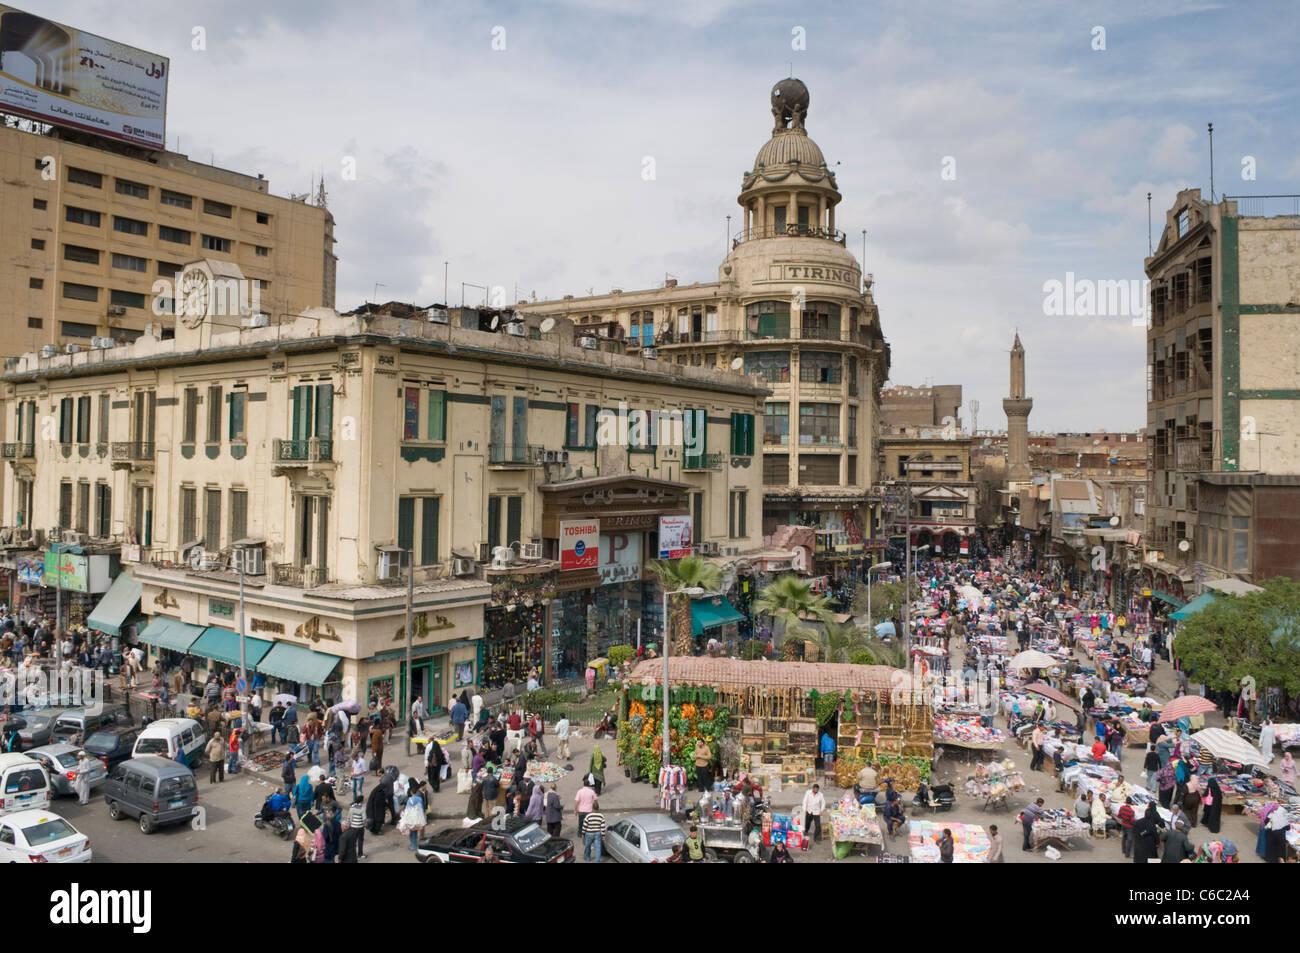 Vue aérienne d'un quartier typique, souk au Caire en Égypte Photo Stock